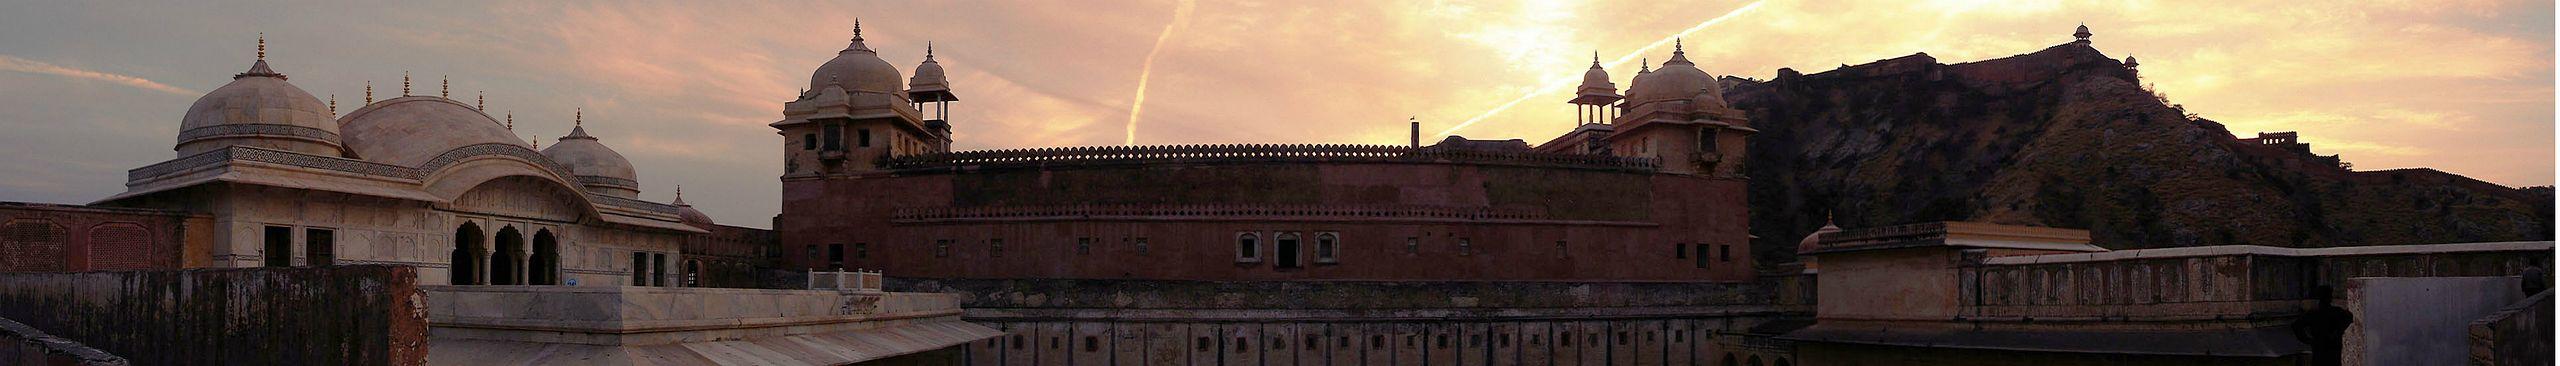 siti di incontri gratuiti Jaipur